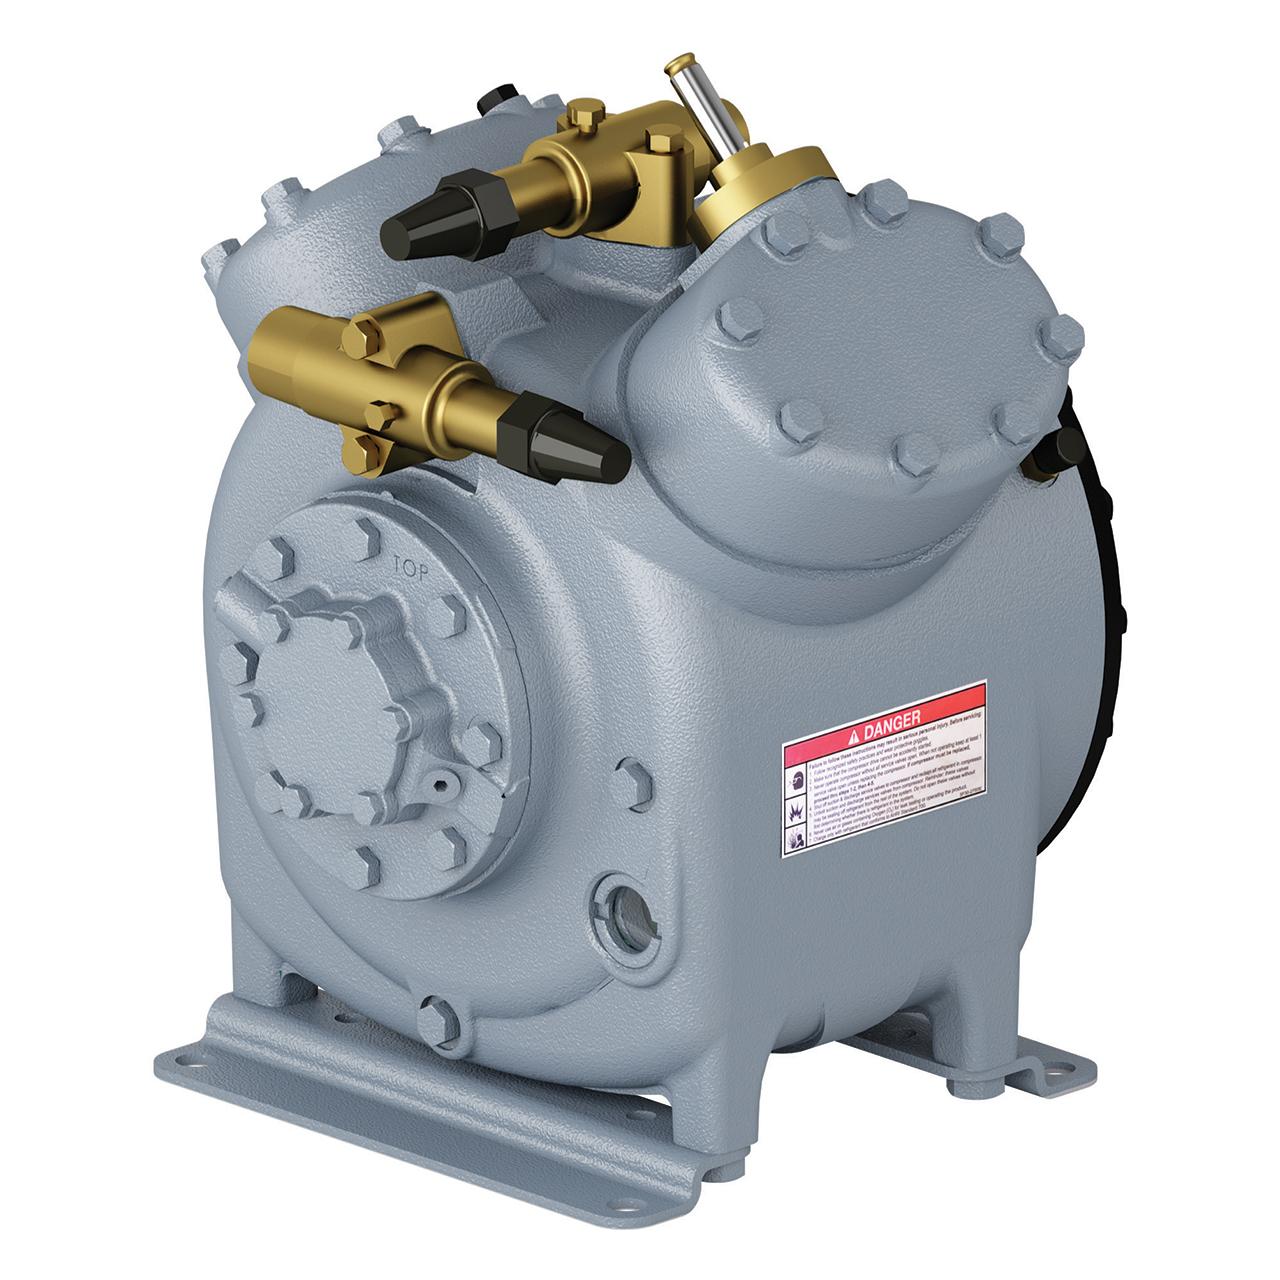 carlyle-compressor-5k-2-cylinder